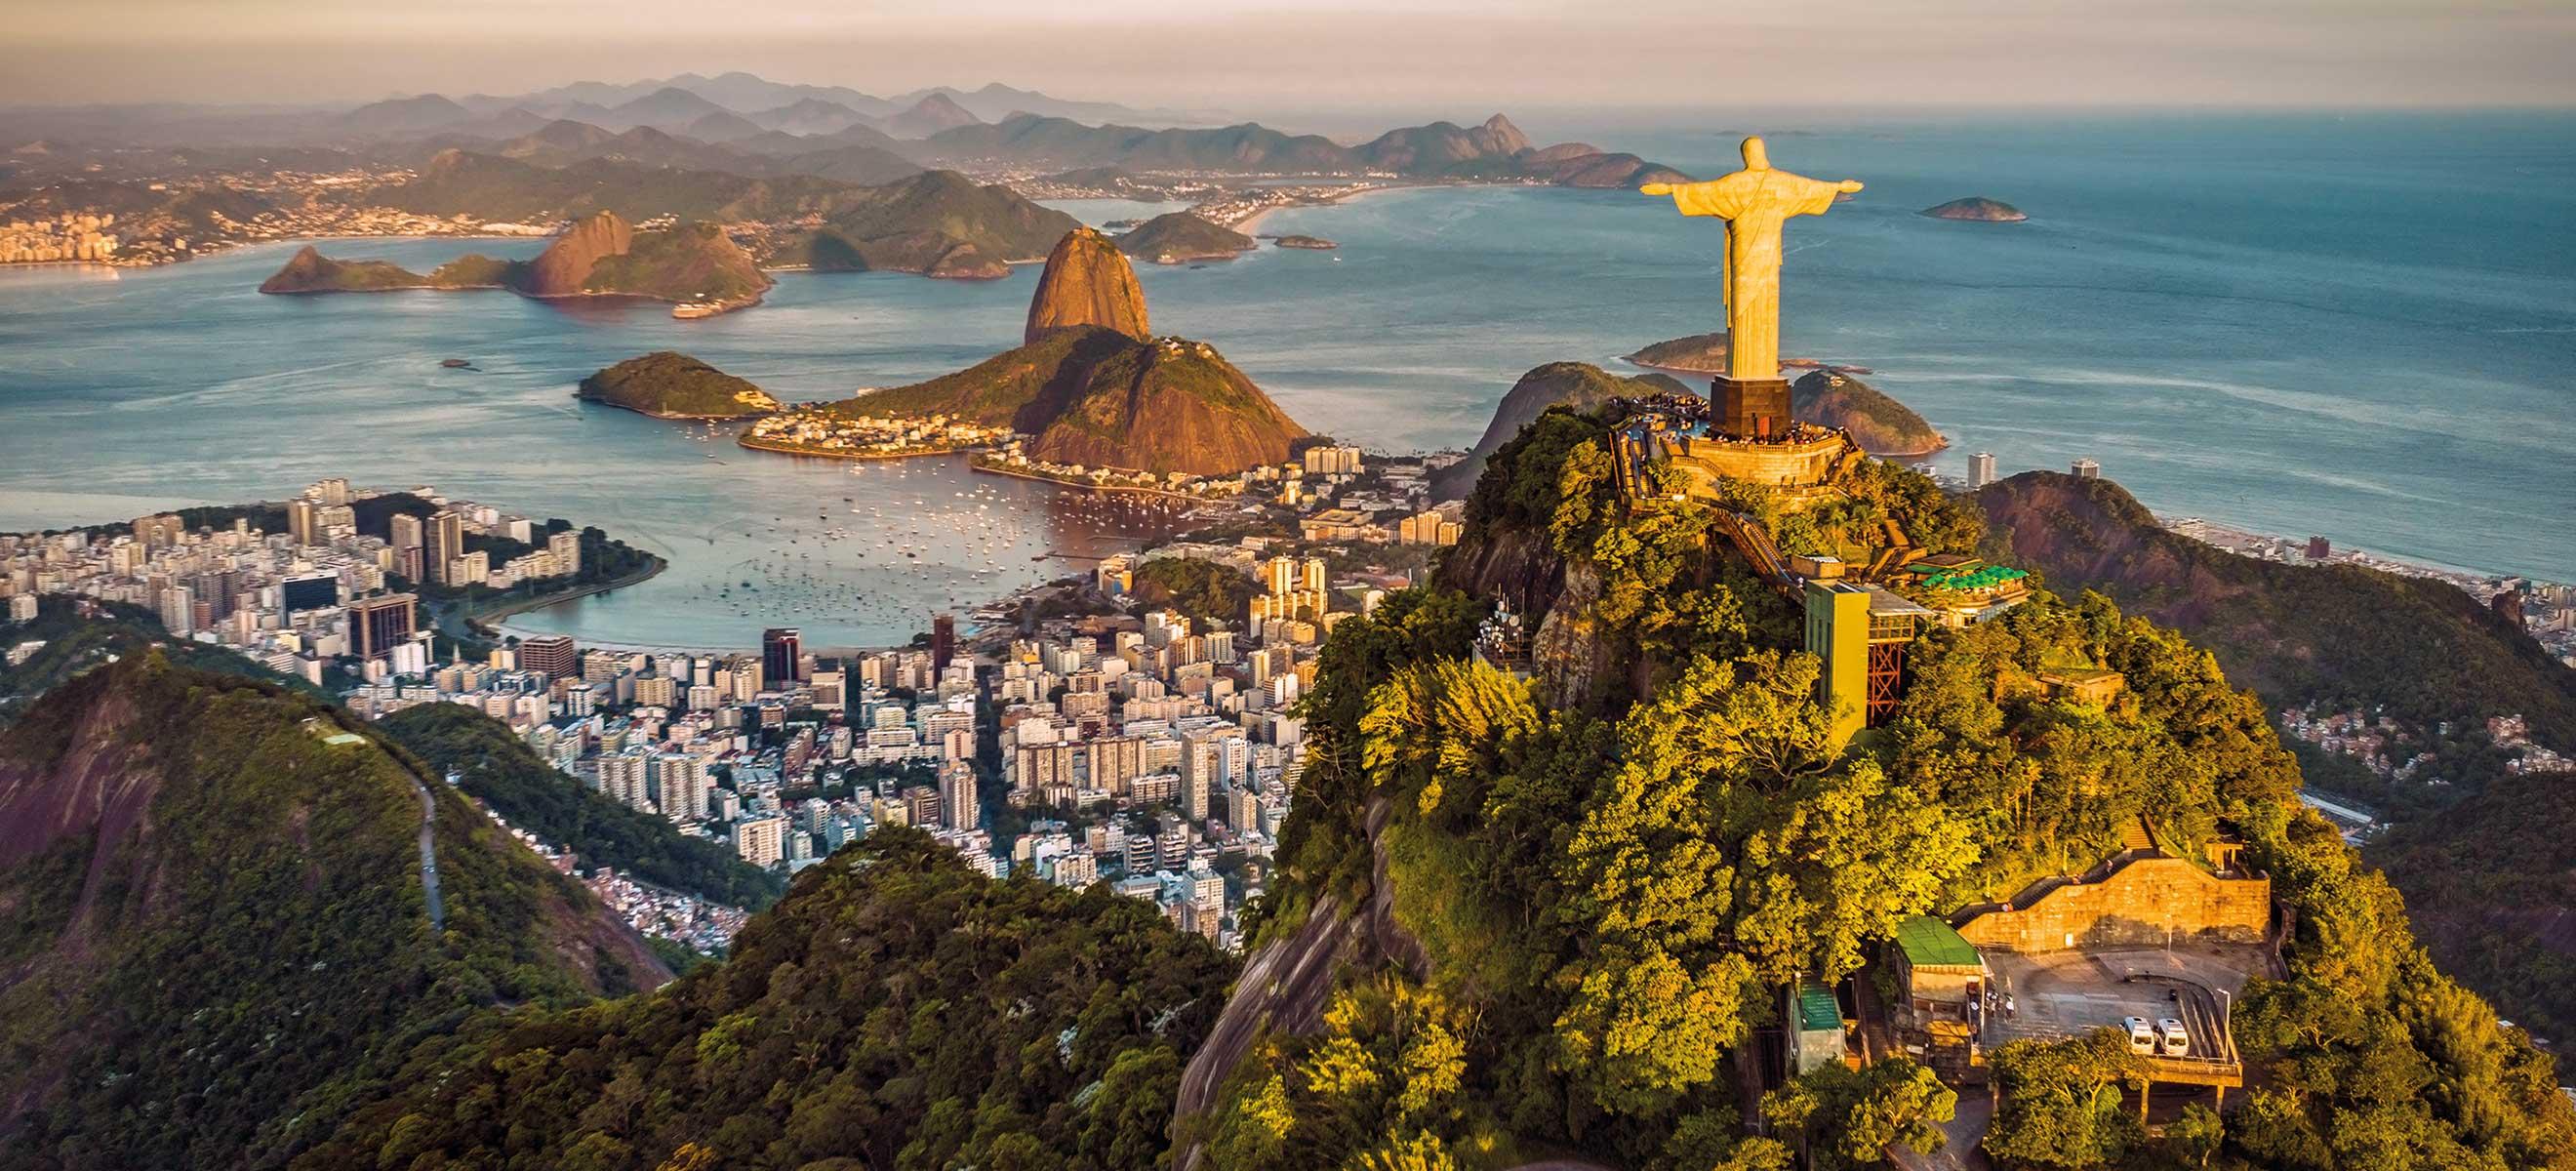 Rio De Janeiro Sterneregen Am Zuckerhut Falstaff Travelguide